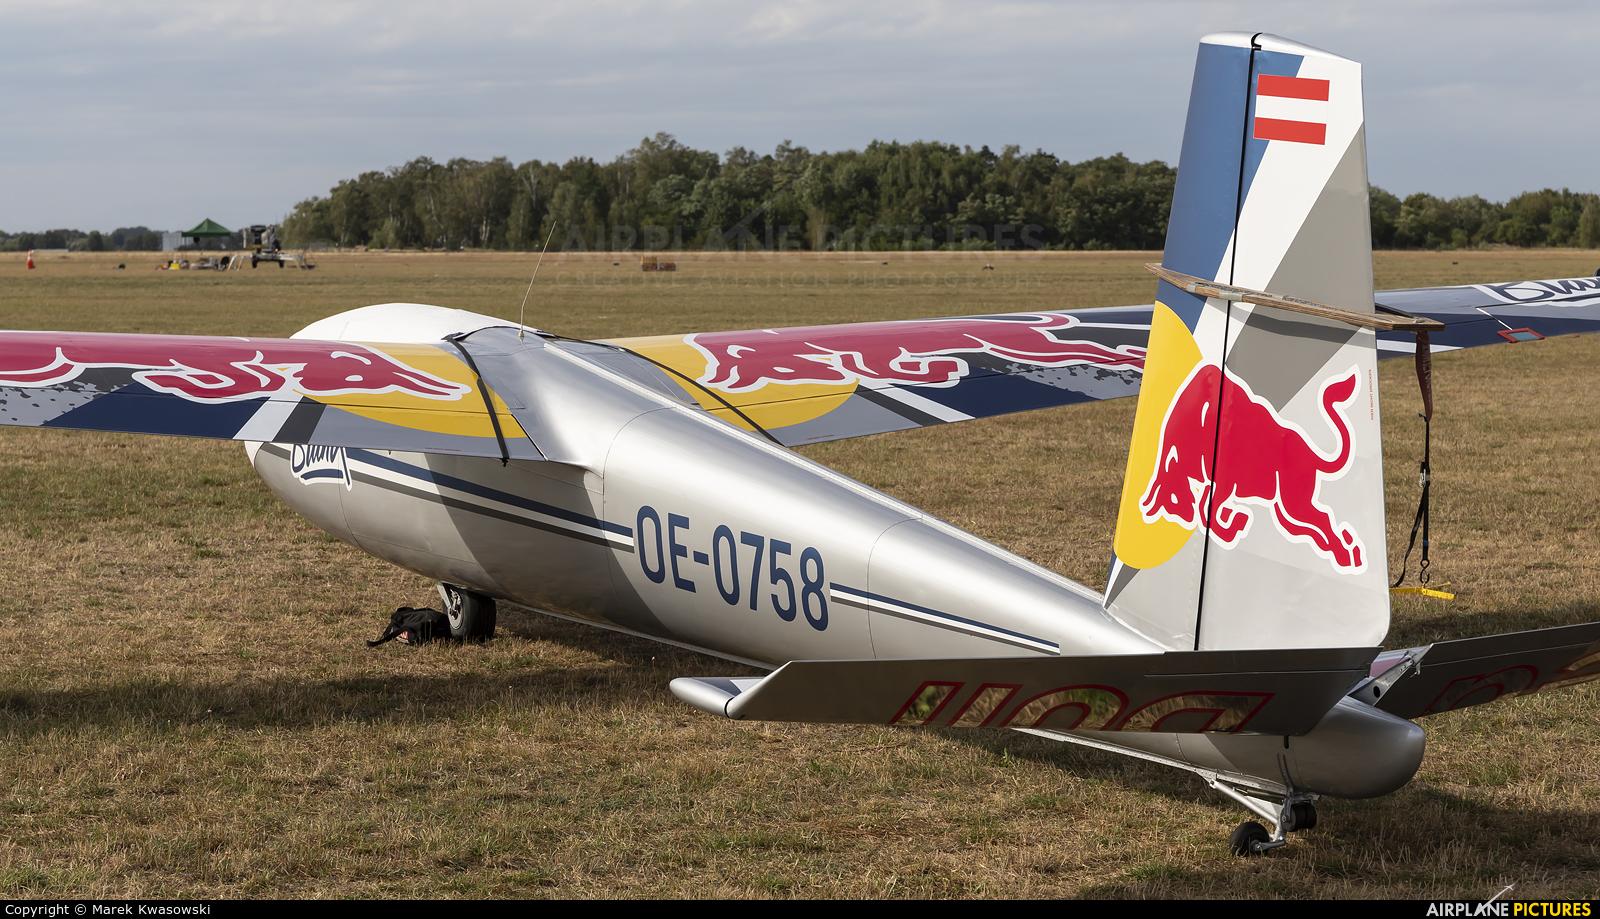 Blanix-Team OE-0758 aircraft at Leszno - Strzyżewice